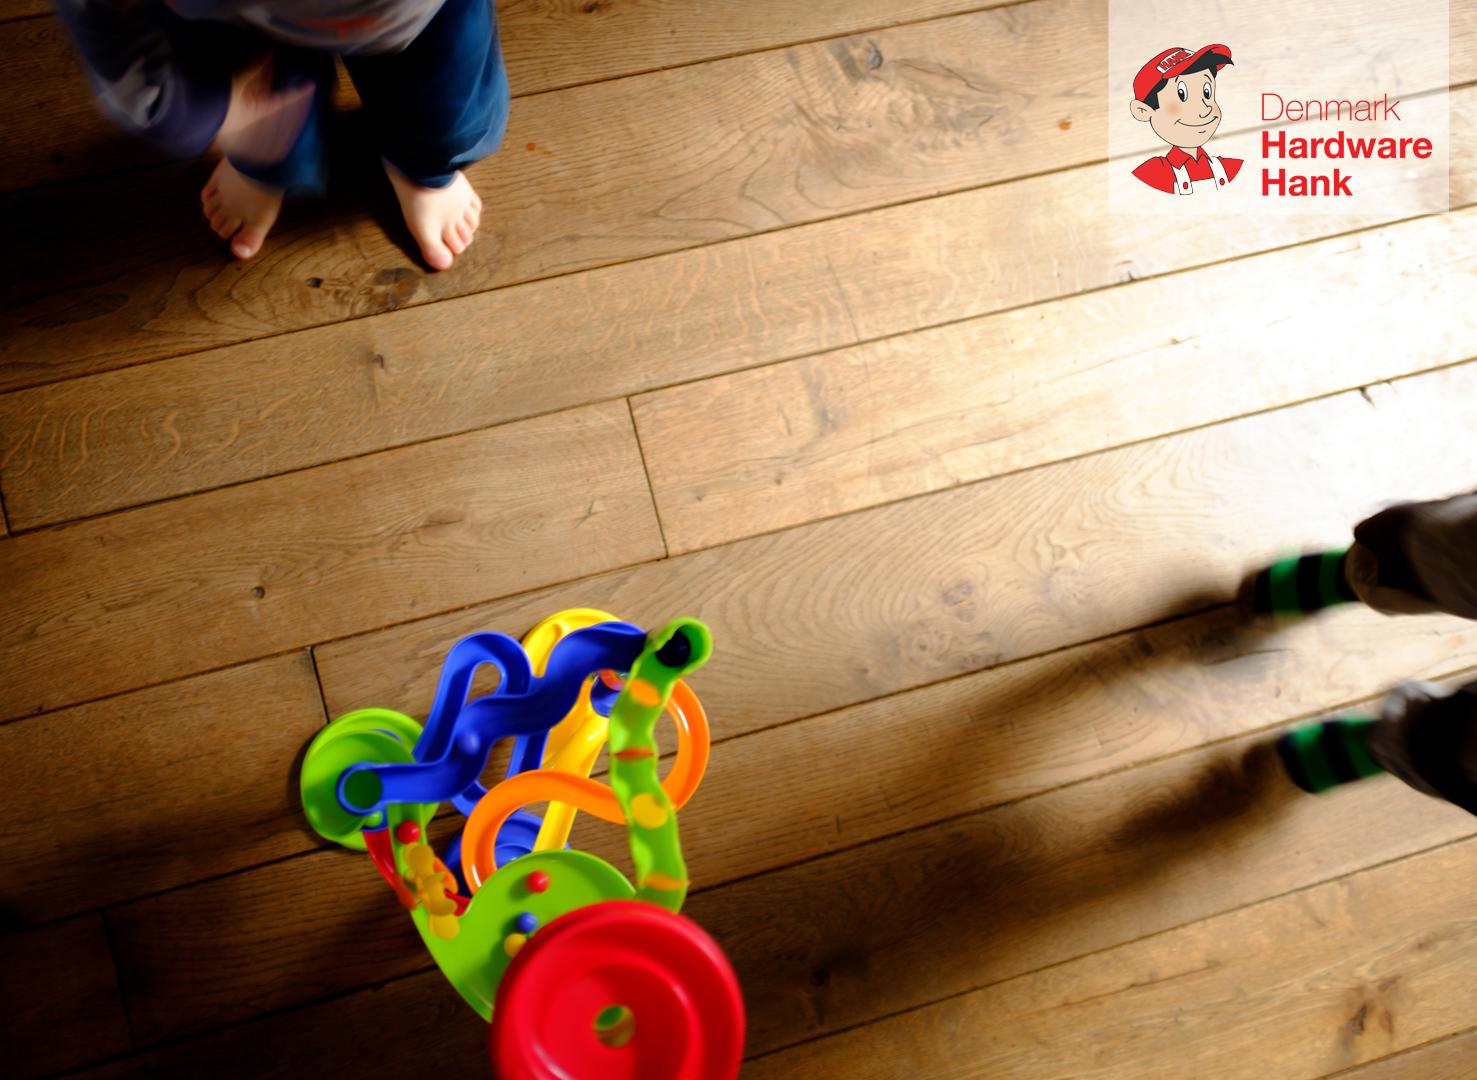 Denmark Hardware Hank squeaky hardwood floor